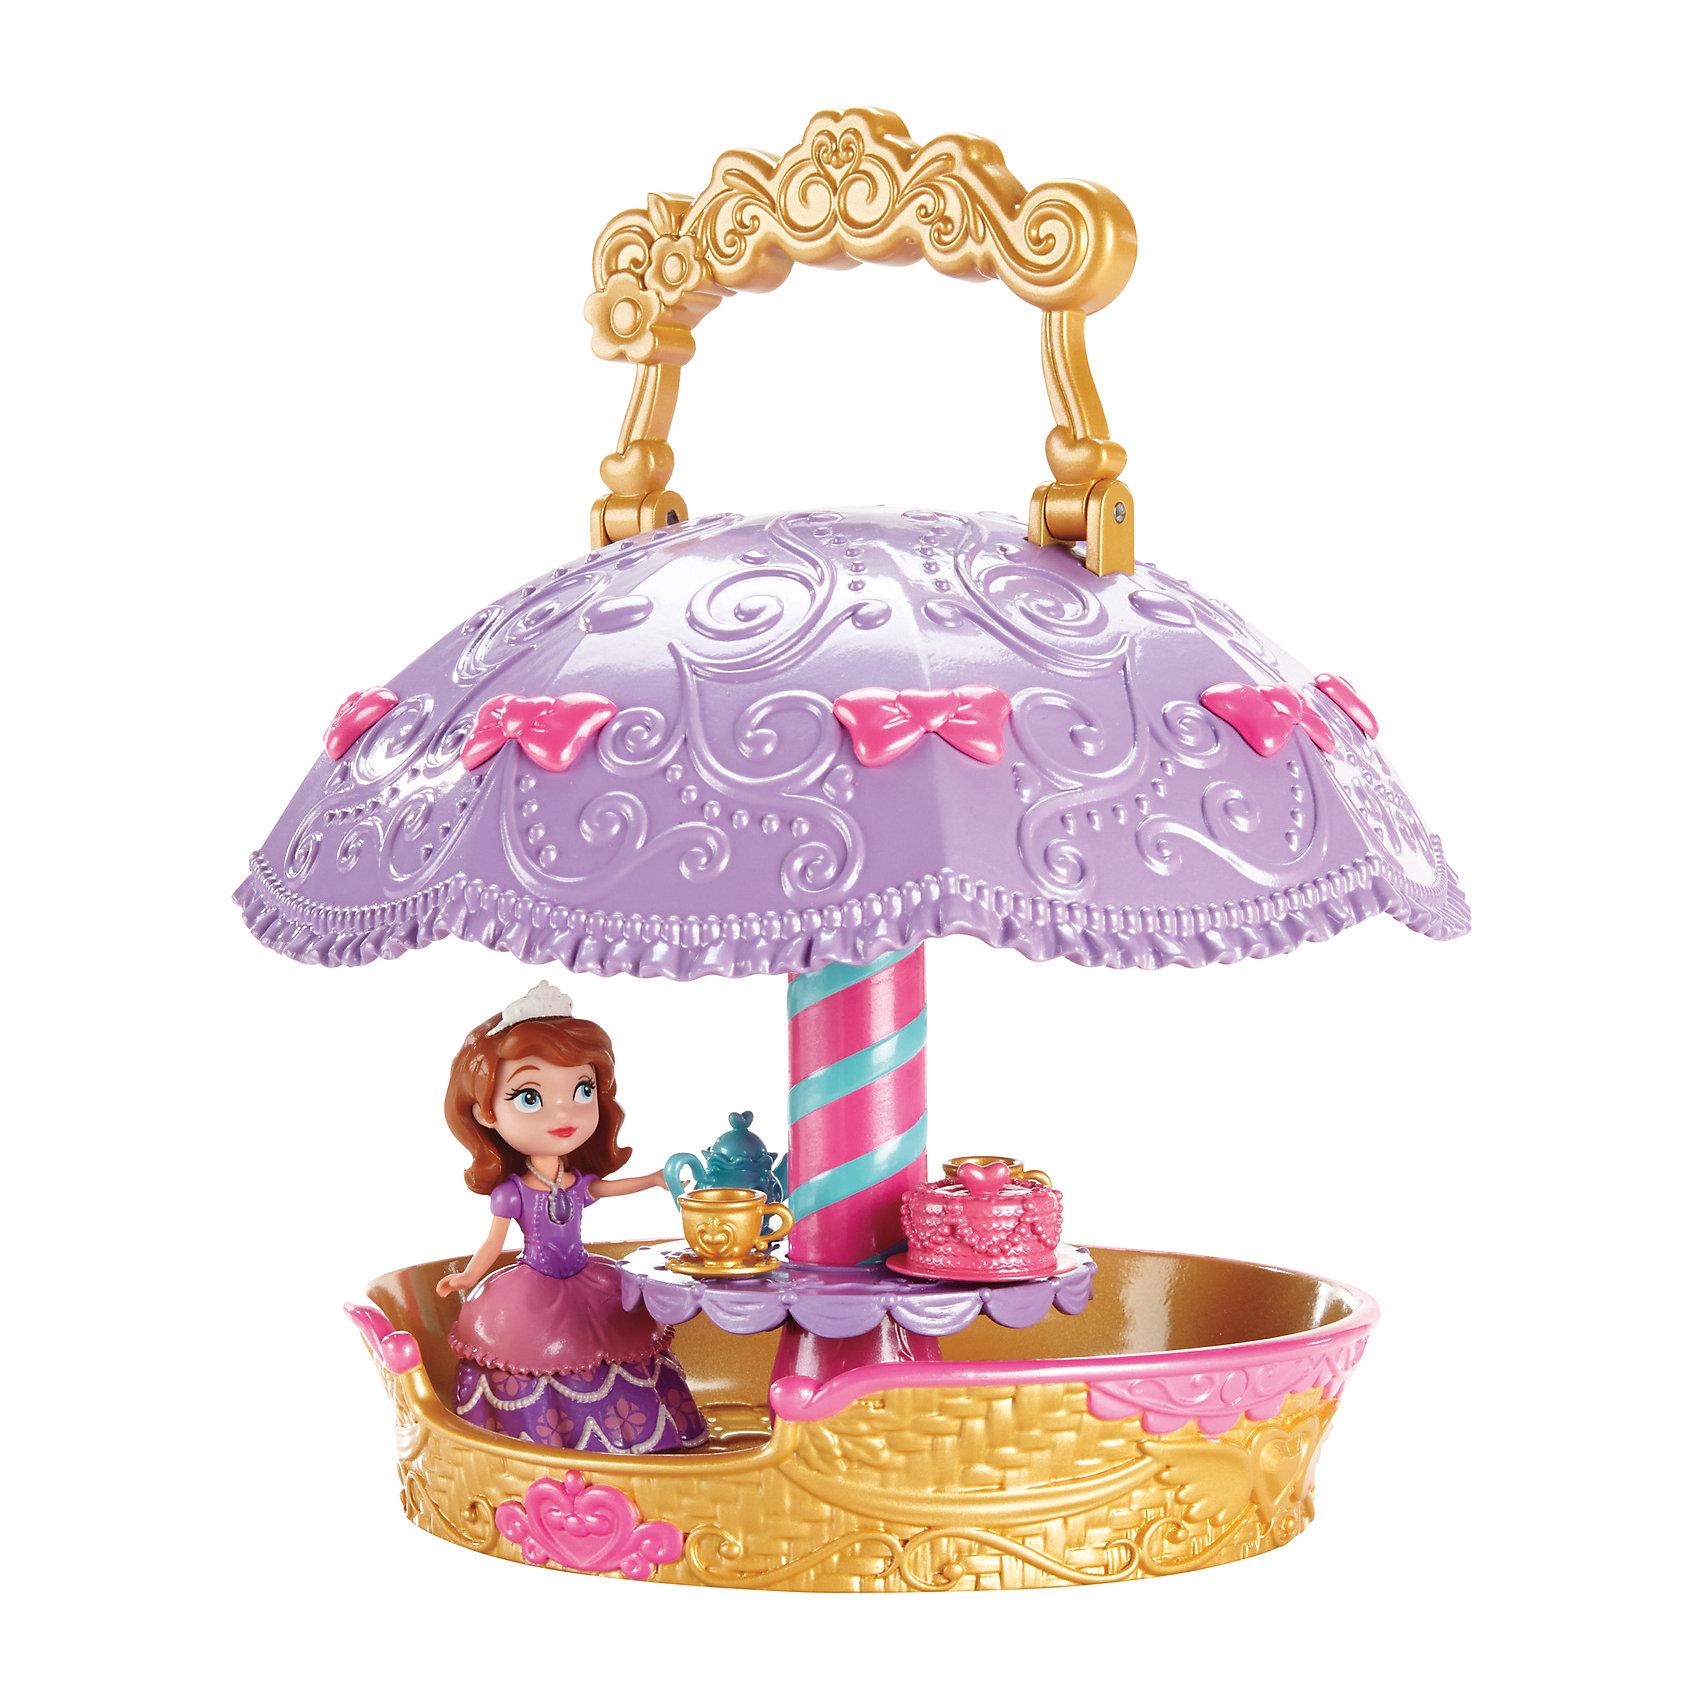 Игровой набор Чаепитие на воздушном шаре, София ПрекраснаяВперед, в небо! Набор «София Прекрасная: чаепитие на воздушном<br>шаре» 2 в 1 приглашает улететь в сказку. Чаепитие может на-<br>чаться на земле: принцесса София с кем-нибудь из ее друзей (продают-<br>ся отдельно) сидят за столом и разливают чай из прилагаемого чайника<br>по двум чашкам. А затем достаточно просто повернуть ручку, как зонтик<br>раскрывается и превращается в воздушный шар, готовый «взлететь» в<br>небесную синеву! Чтобы игра и чаепитие были еще веселее, стол может<br>вертеться!<br><br>Ширина мм: 215<br>Глубина мм: 220<br>Высота мм: 355<br>Вес г: 945<br>Возраст от месяцев: 36<br>Возраст до месяцев: 96<br>Пол: Женский<br>Возраст: Детский<br>SKU: 3985779